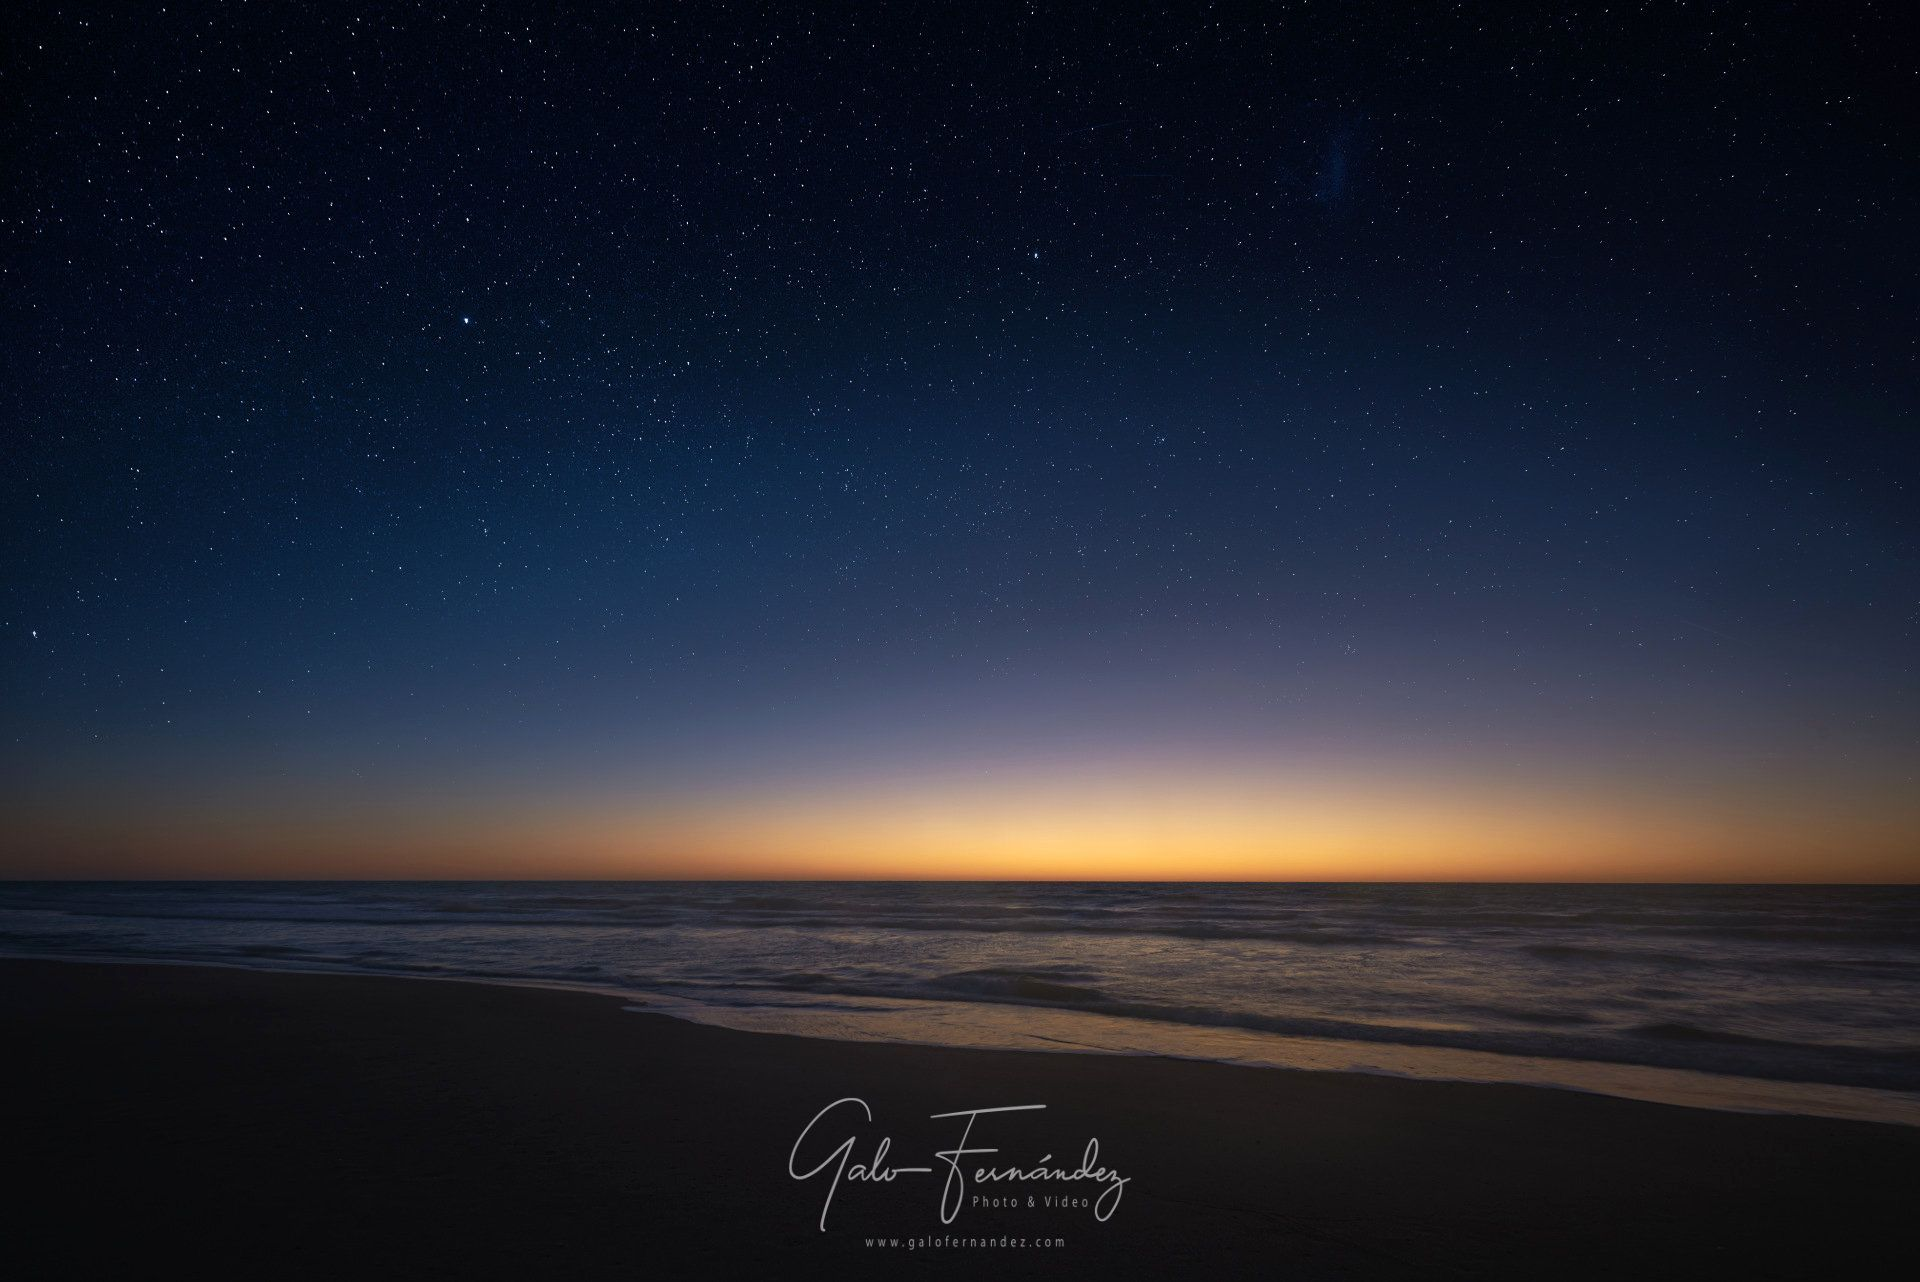 Amanecer estrellado sobre el Océano Atlántico, Cariló - PBA